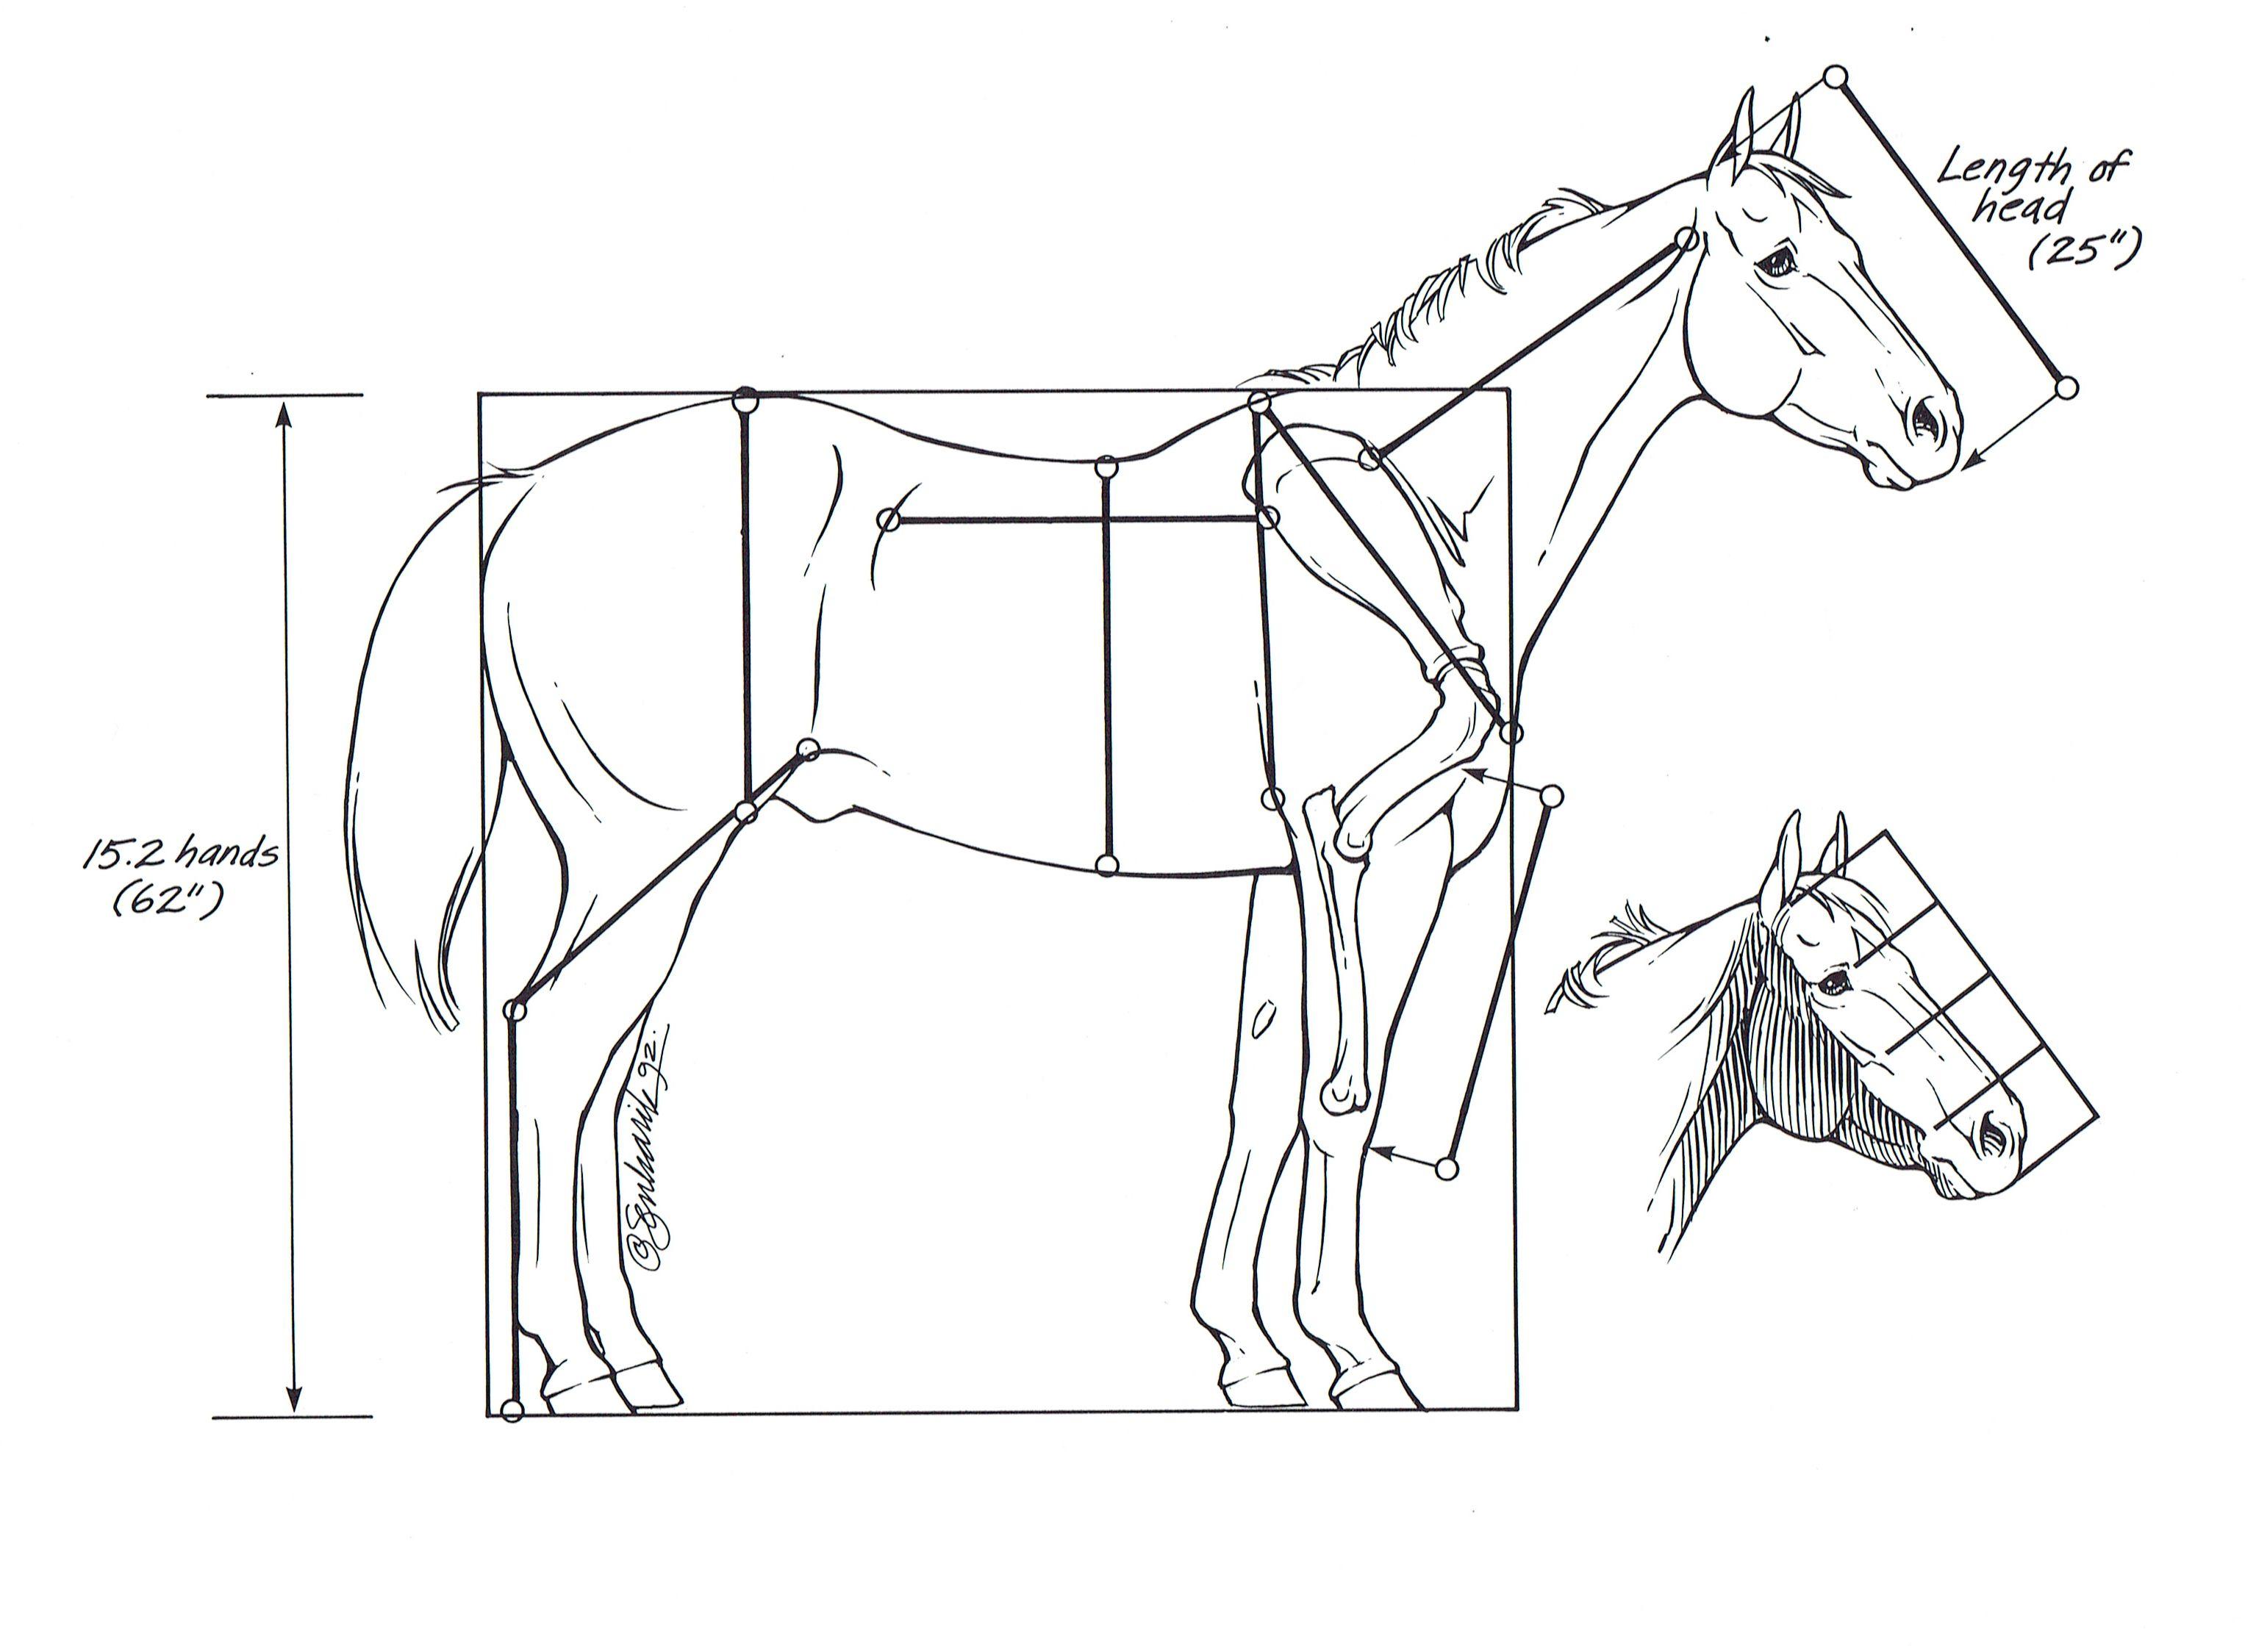 lulu-horse-anatomy-head-lengths.jpg 3,069×2,248 pixels | Drawing ...